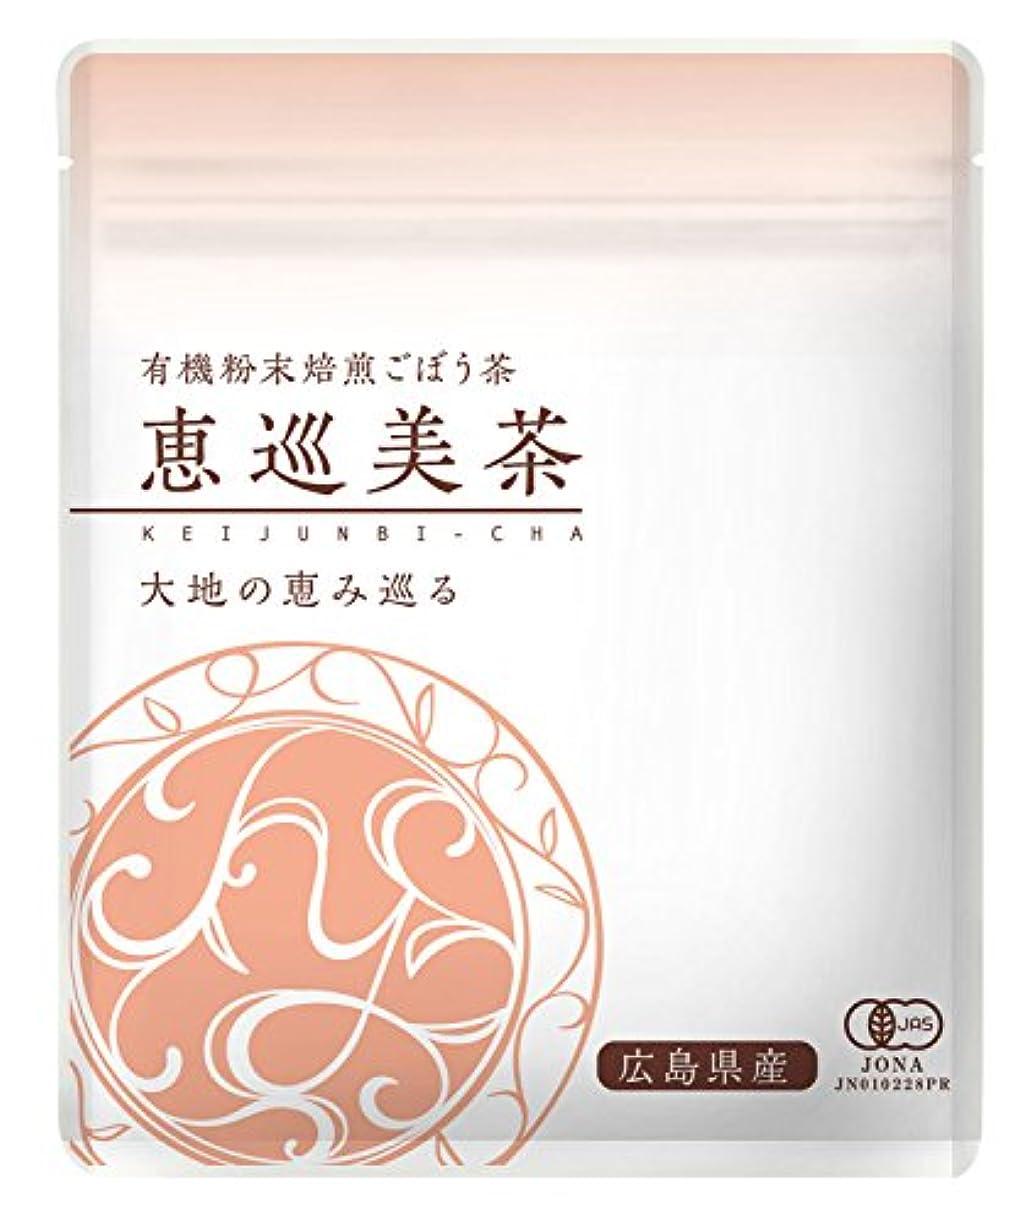 大理石それら続けるこだま食品 恵巡美茶有機粉末焙煎ごぼう茶 2g×15包 302037009